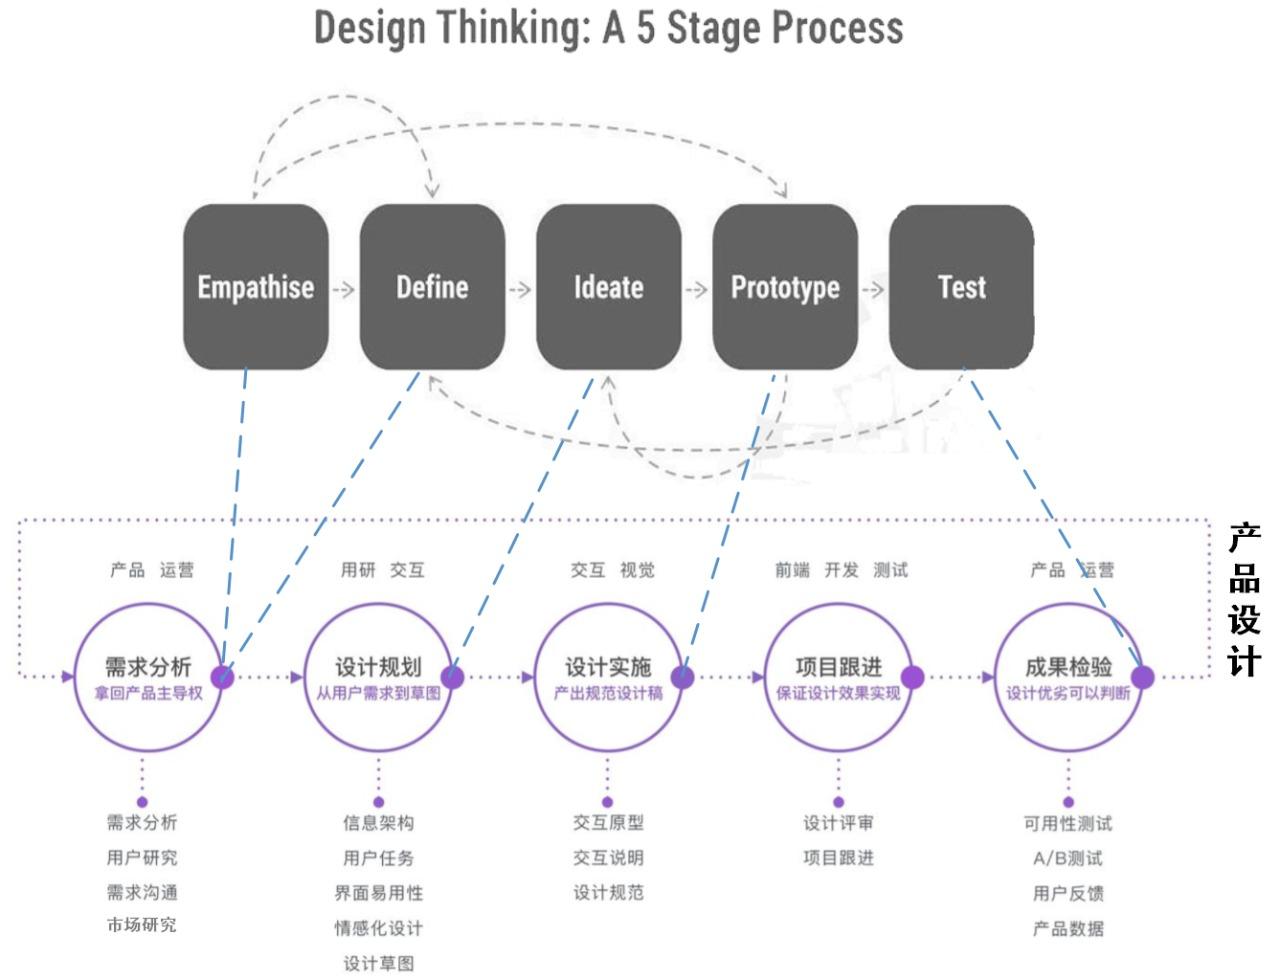 鸟哥笔记,产品设计,简一商业,功能设计,设计,用户需求,产品